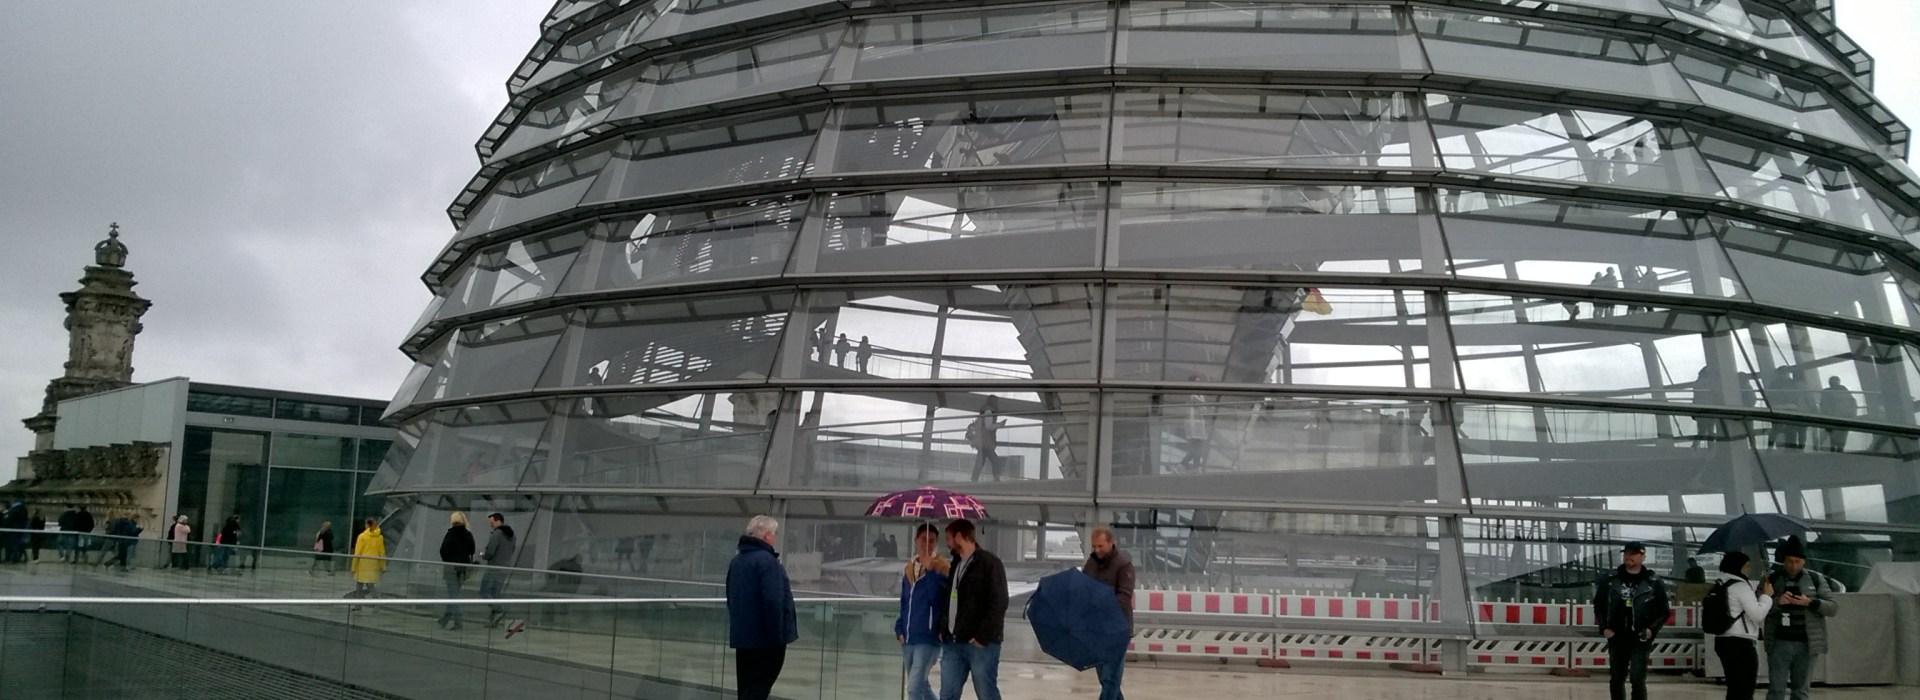 Berlino da un nuovo punto di vista